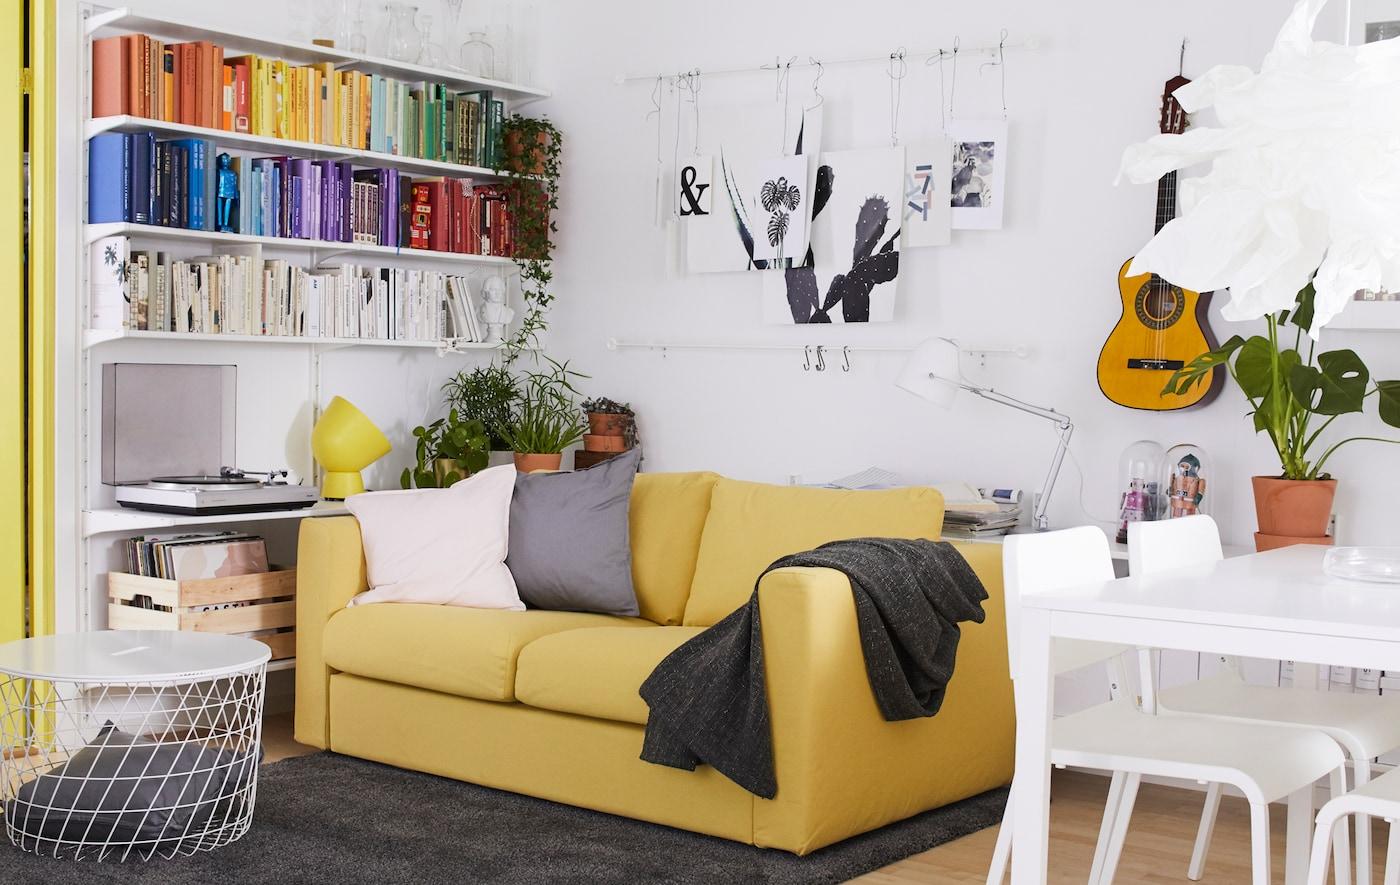 Ein Wohnzimmer in Weiss, dekoriert mit Akzentfarben an den Wänden und am Esstisch.